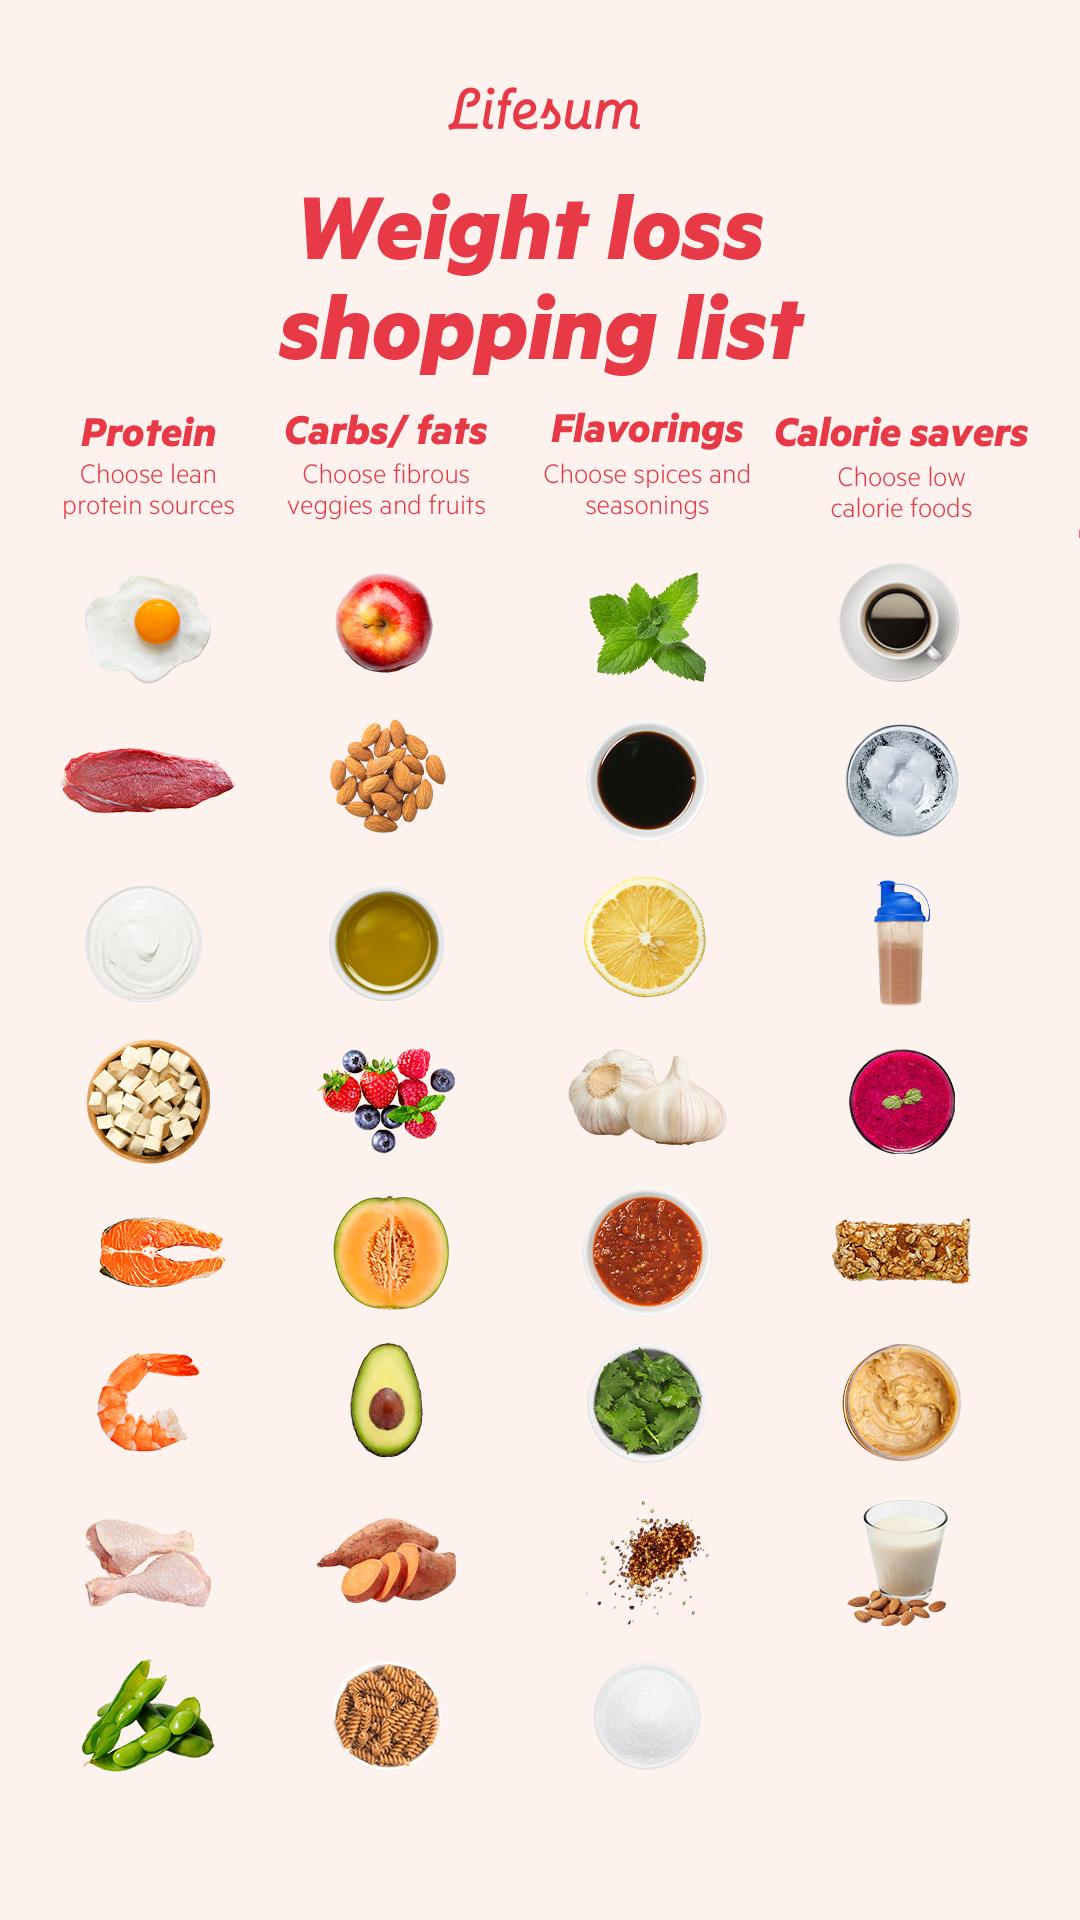 Weight loss shopping list